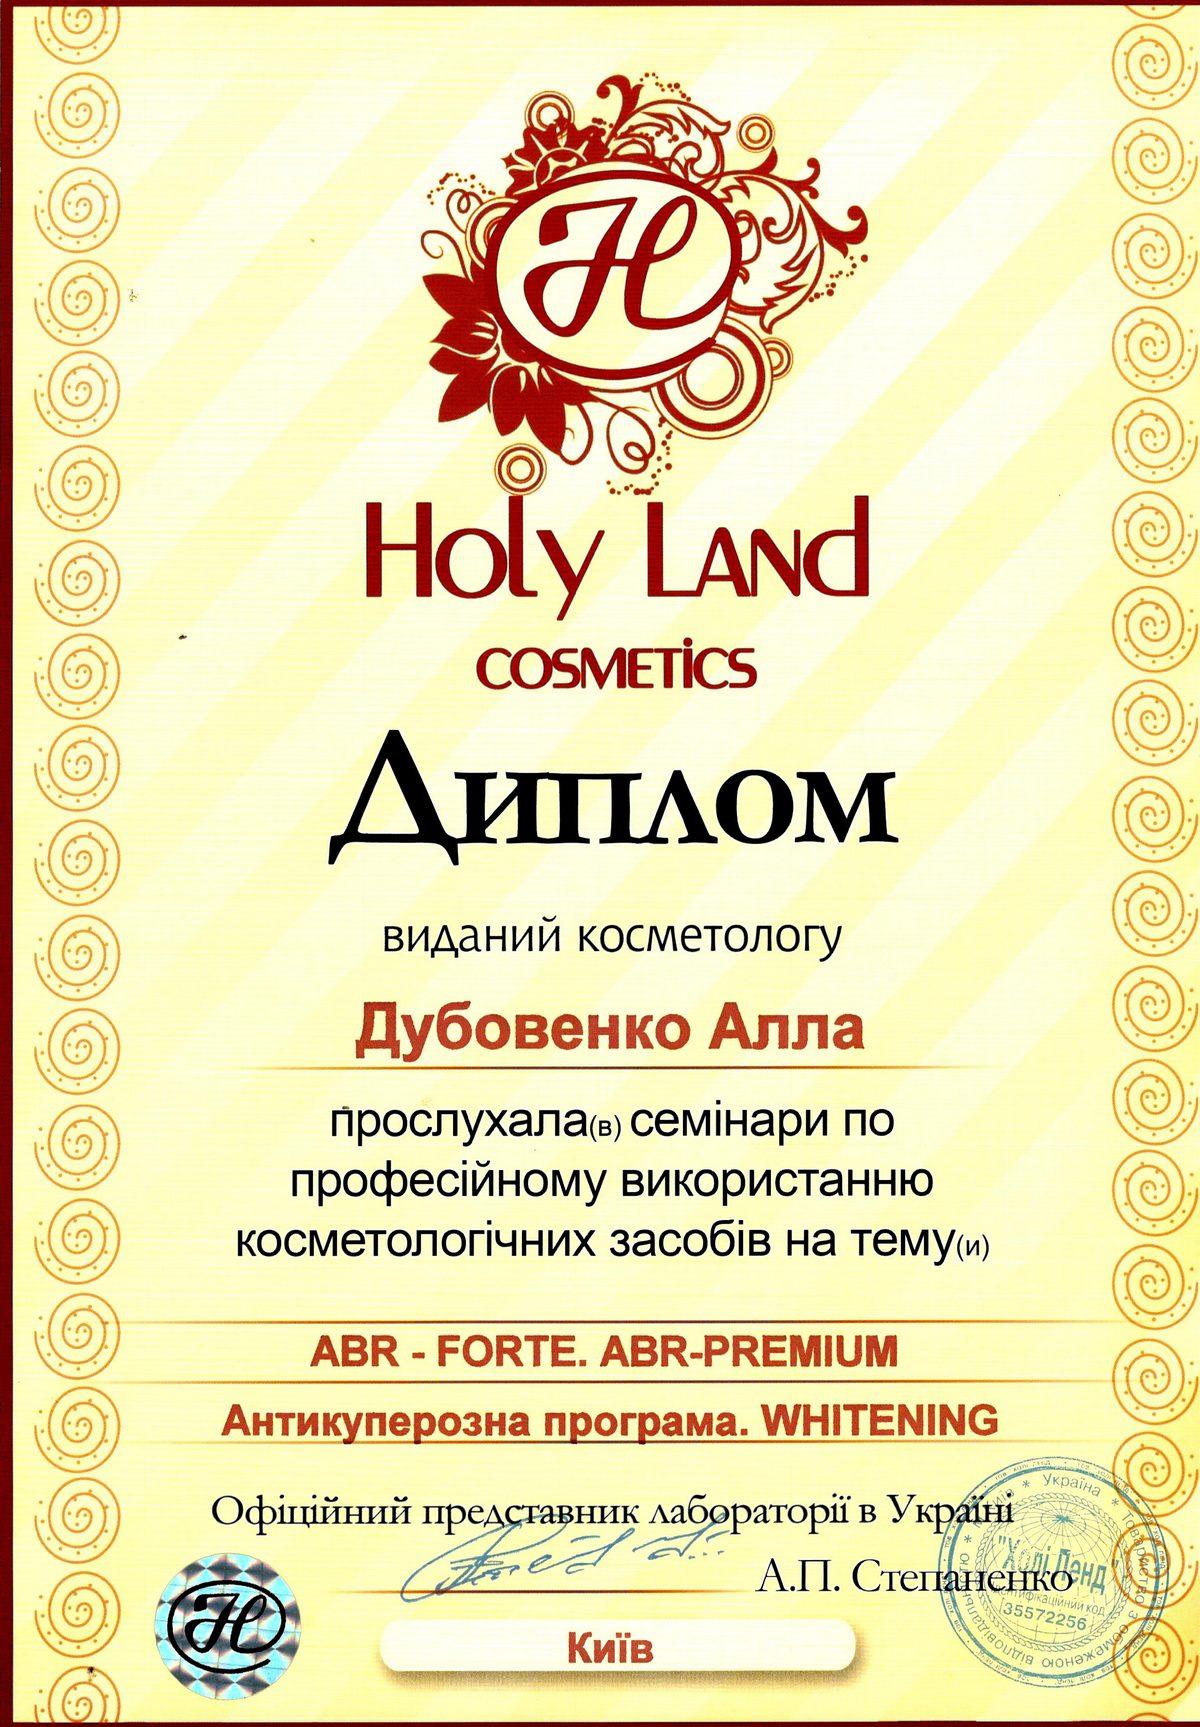 Документ №:12 Диплом врача-дерматолога, косметолога Дубовенко Аллы Владимировны